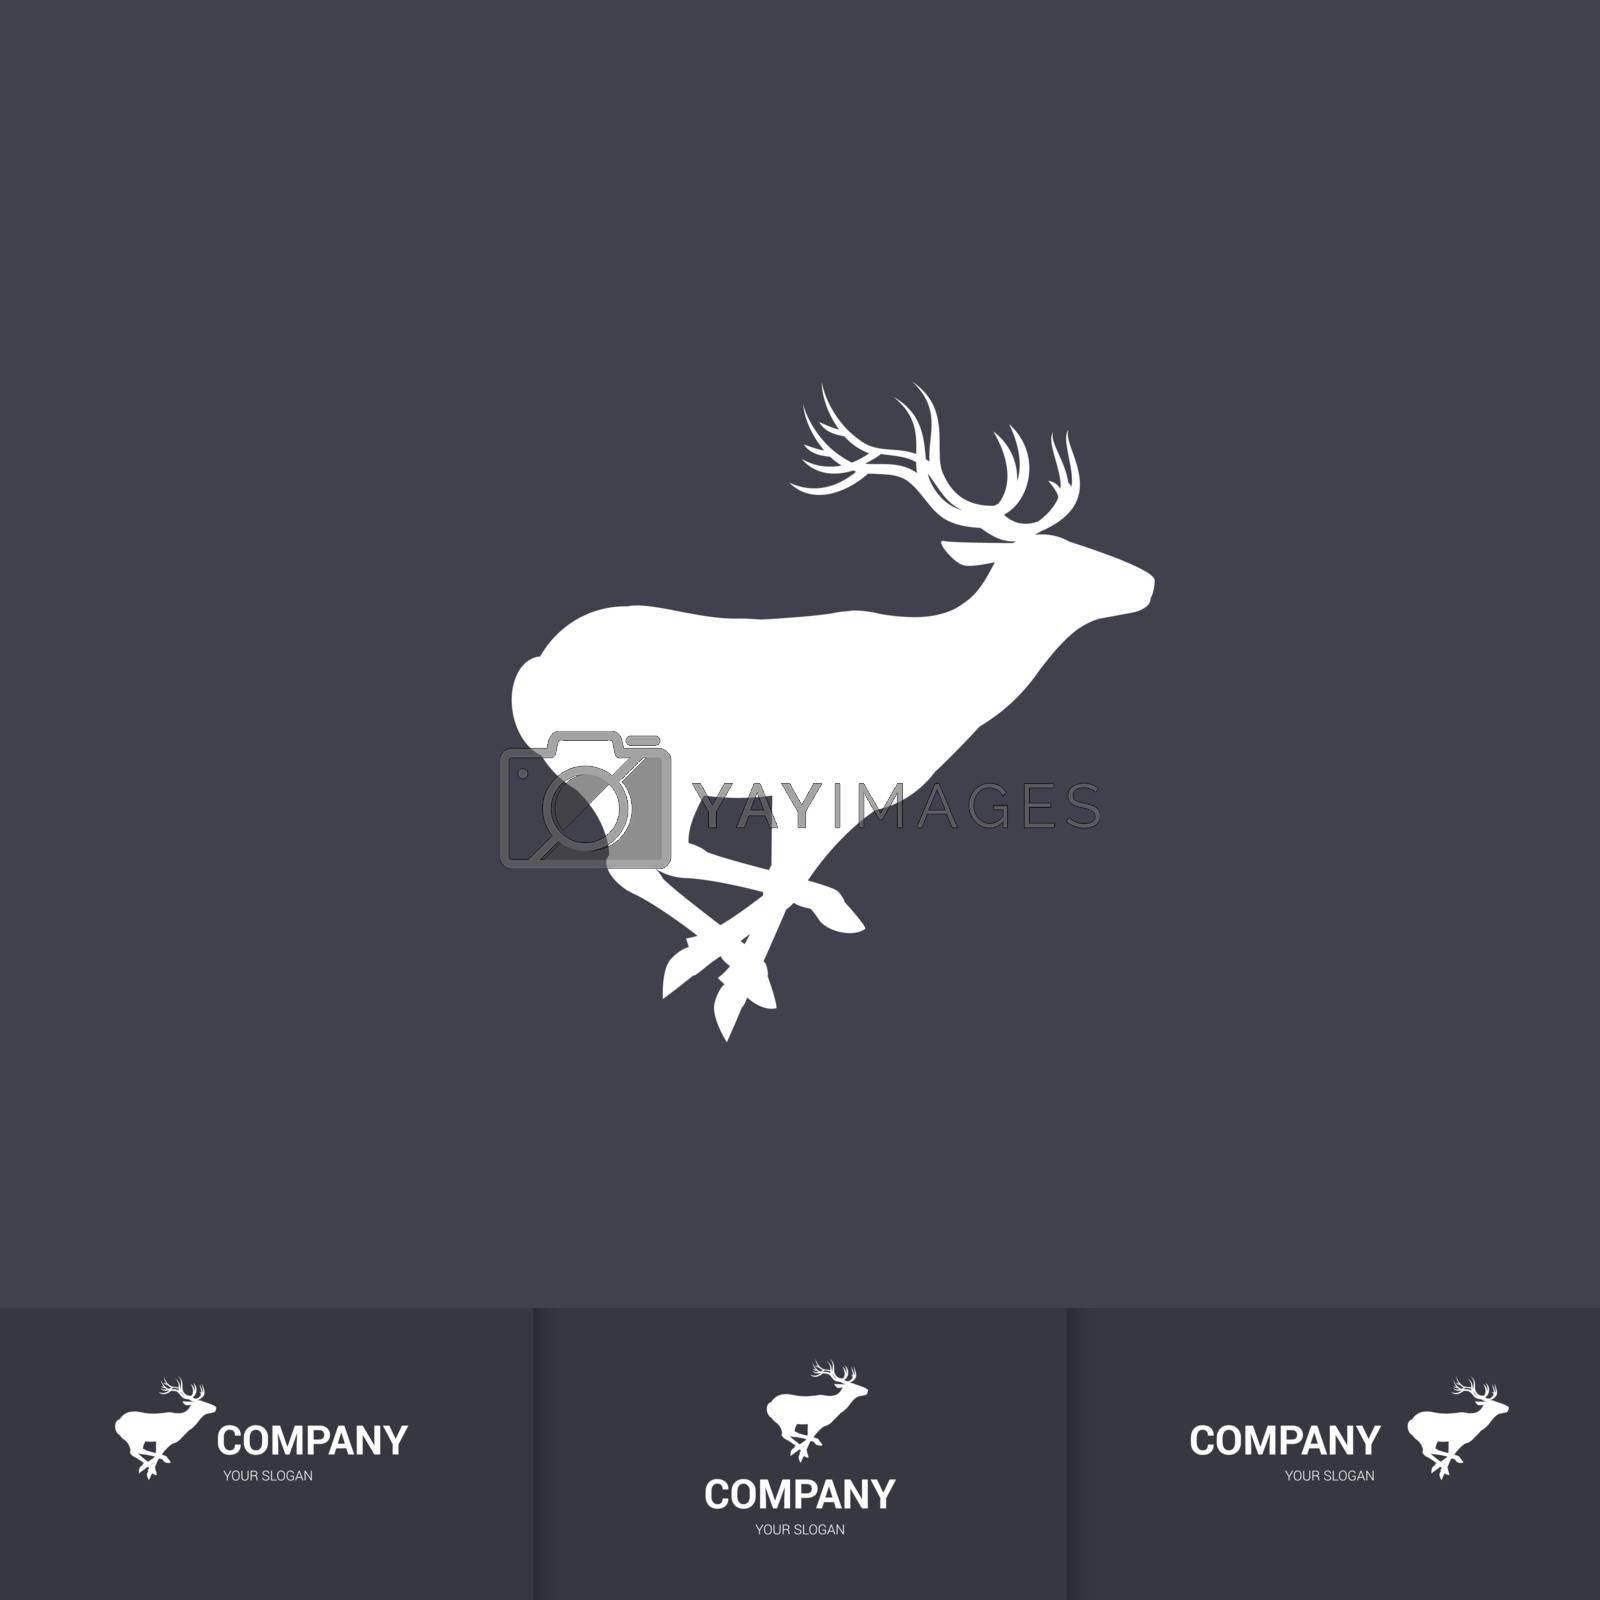 Running Horned Deer Silhouette for Logo Template on Dark Background